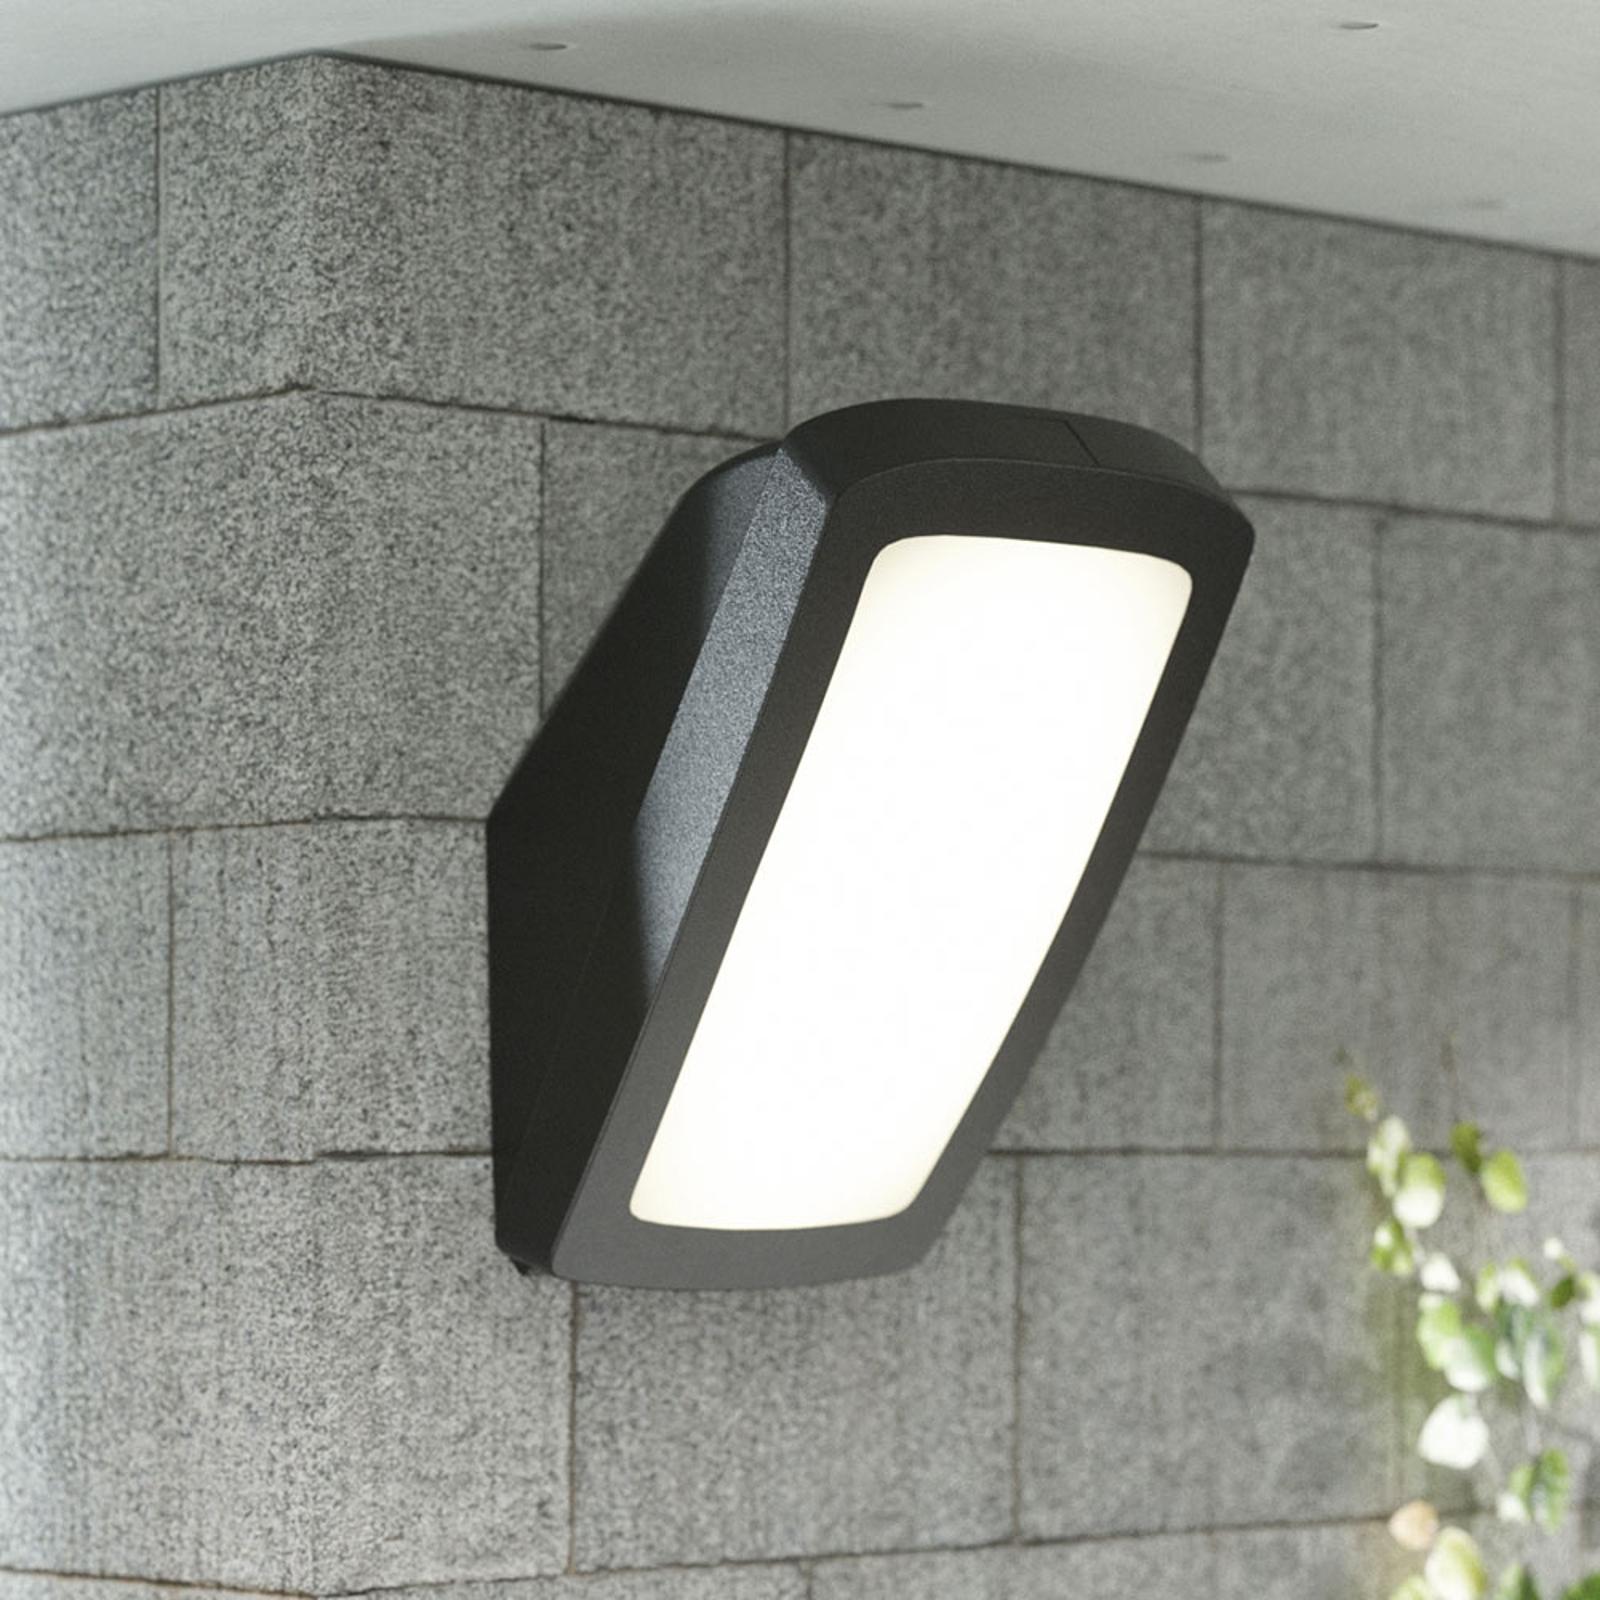 Kirkas ulkoseinävalaisin Germana LED 14W, musta